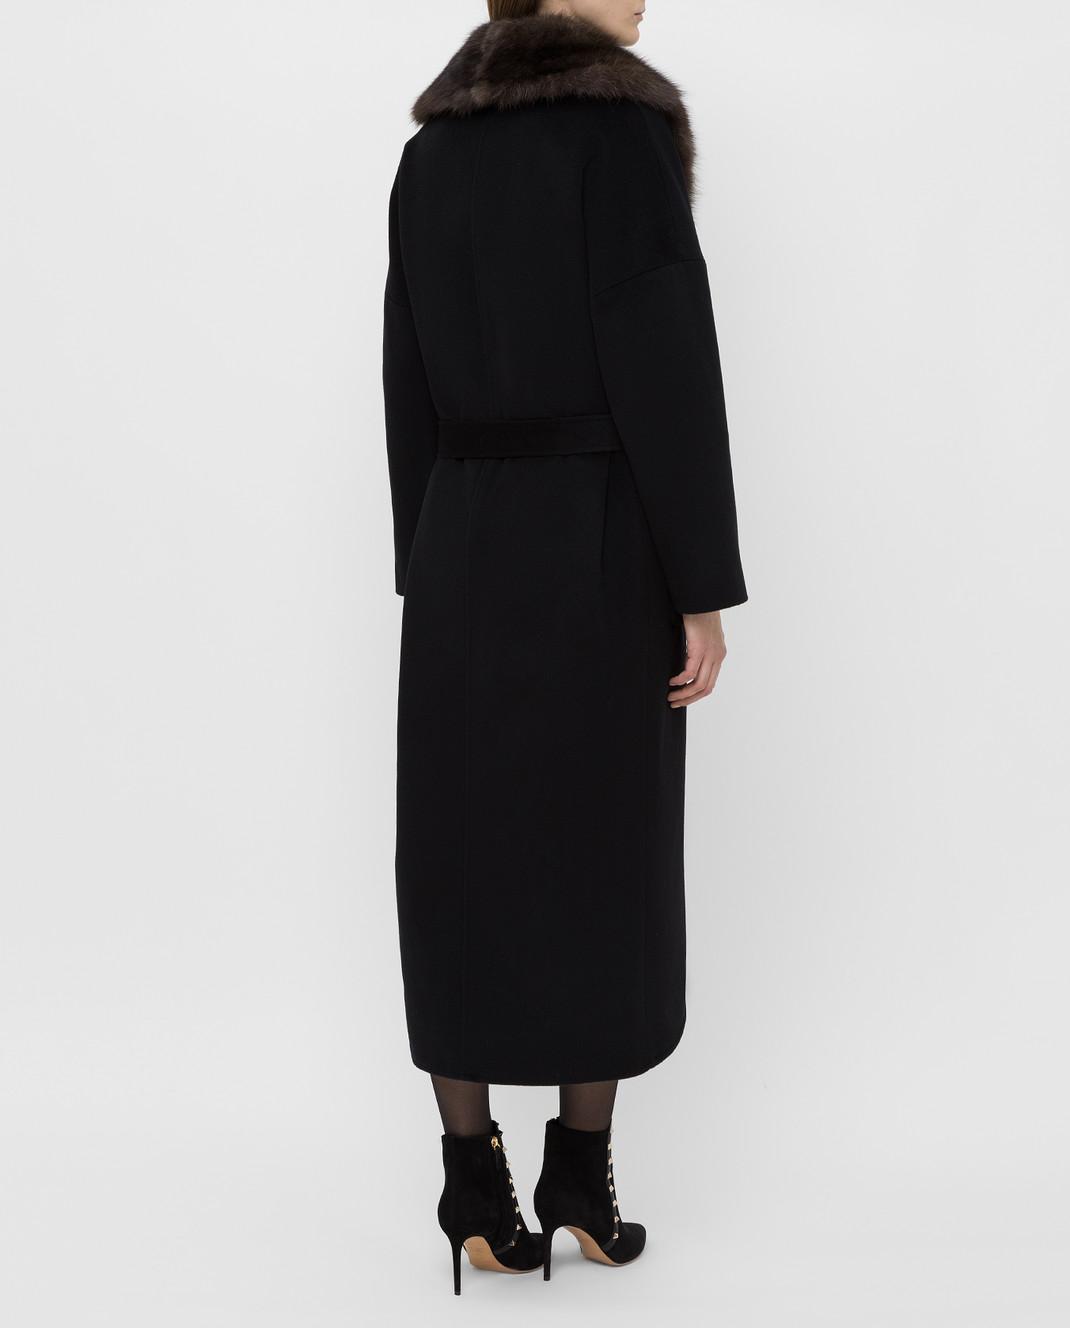 Real Furs House Черное пальто из кашемира с мехом соболя GT02 изображение 4